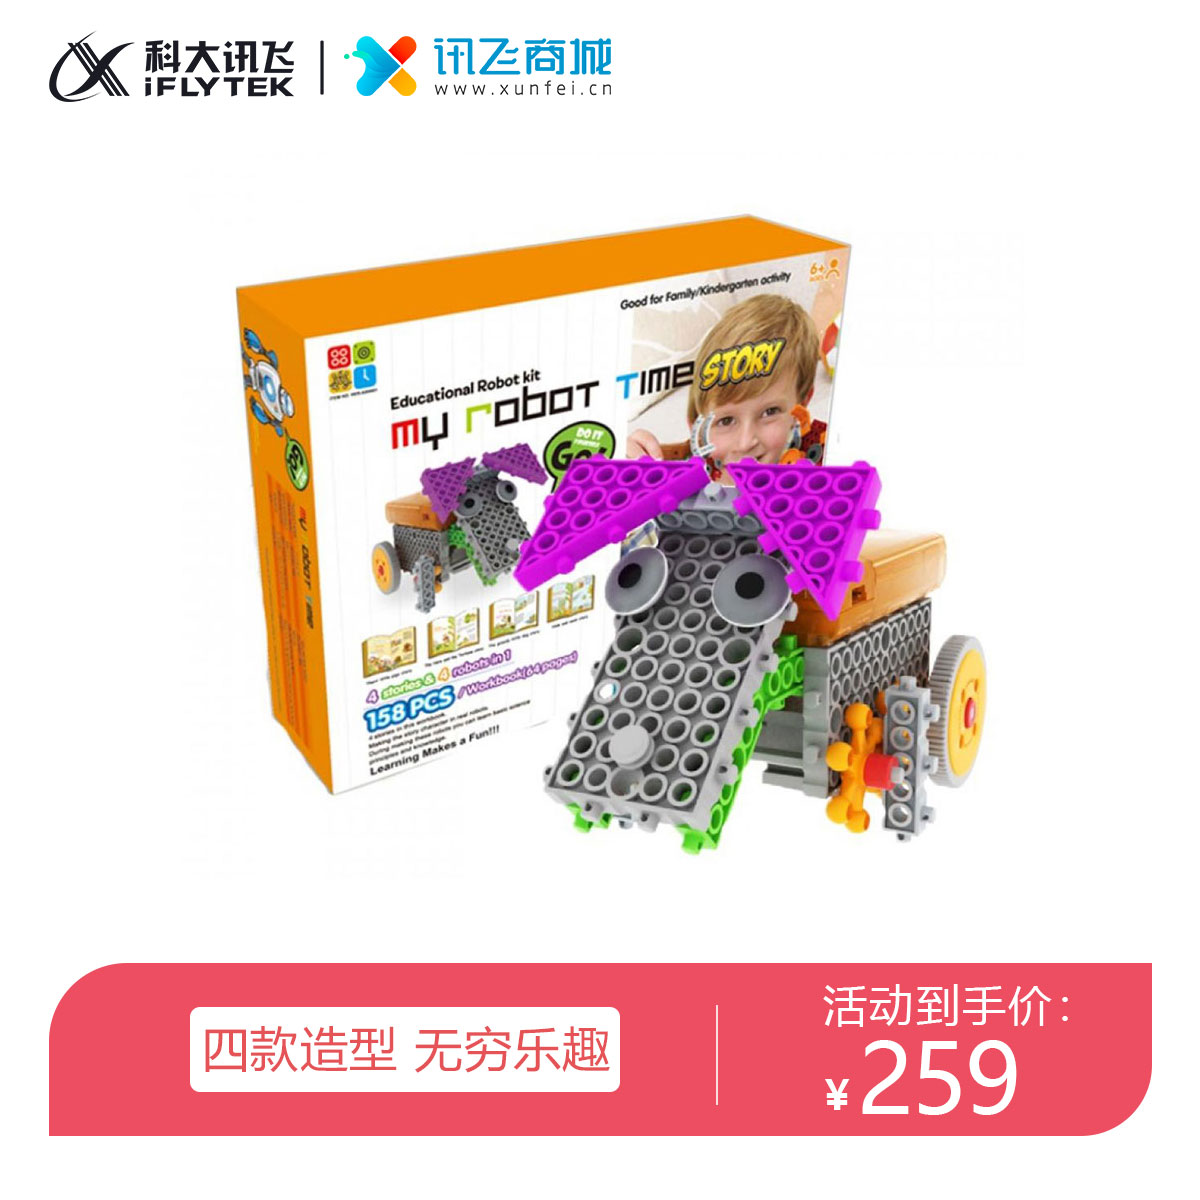 韩端·积木玩具机器人套装MyRobotTime系列【A.I.学习早教专场】